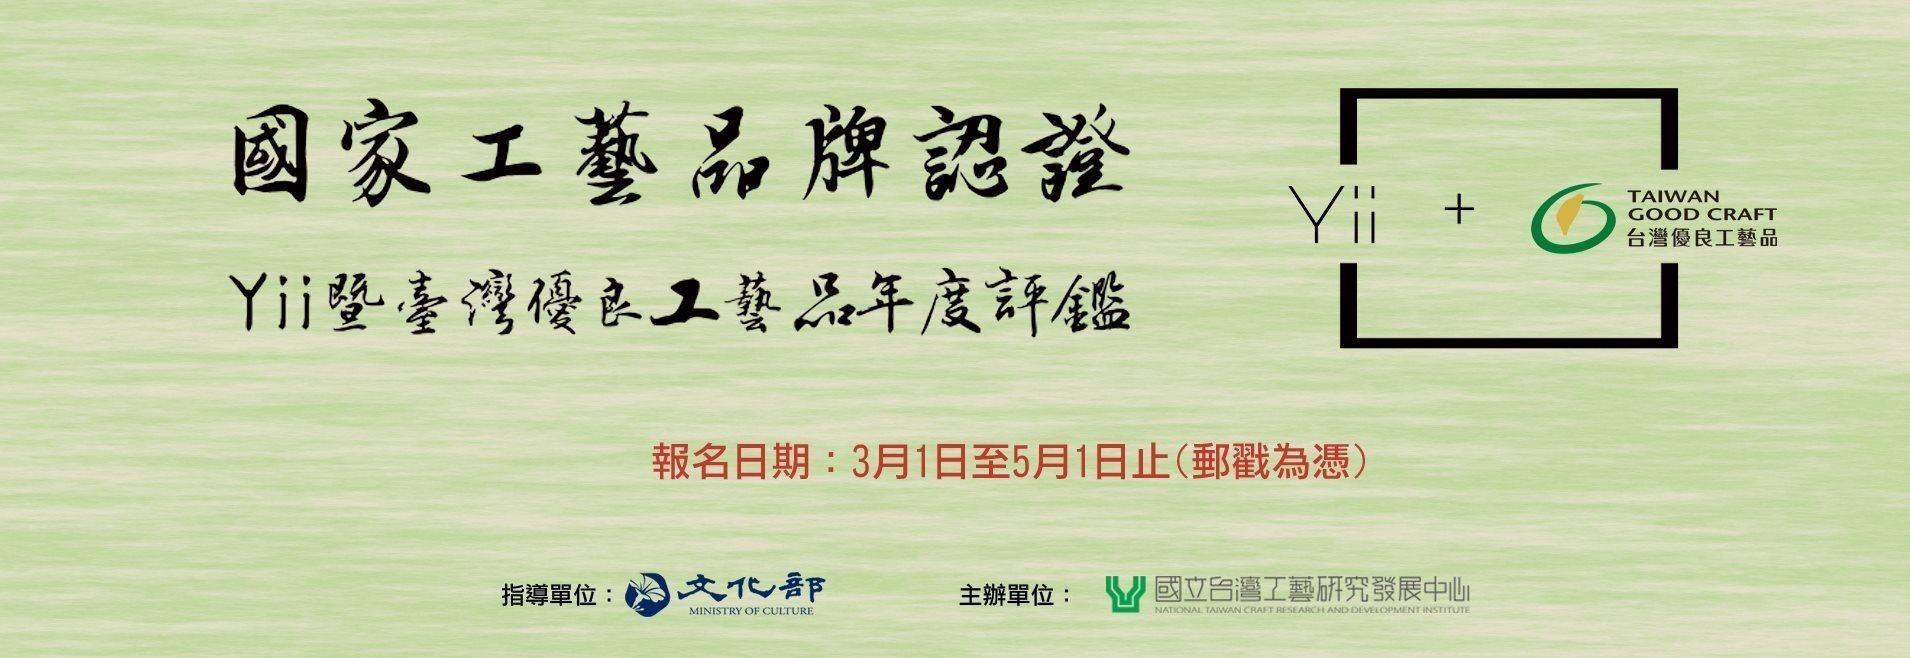 國家工藝品牌認證-Yii暨臺灣優良工藝品年度評鑑徵選[另開新視窗]